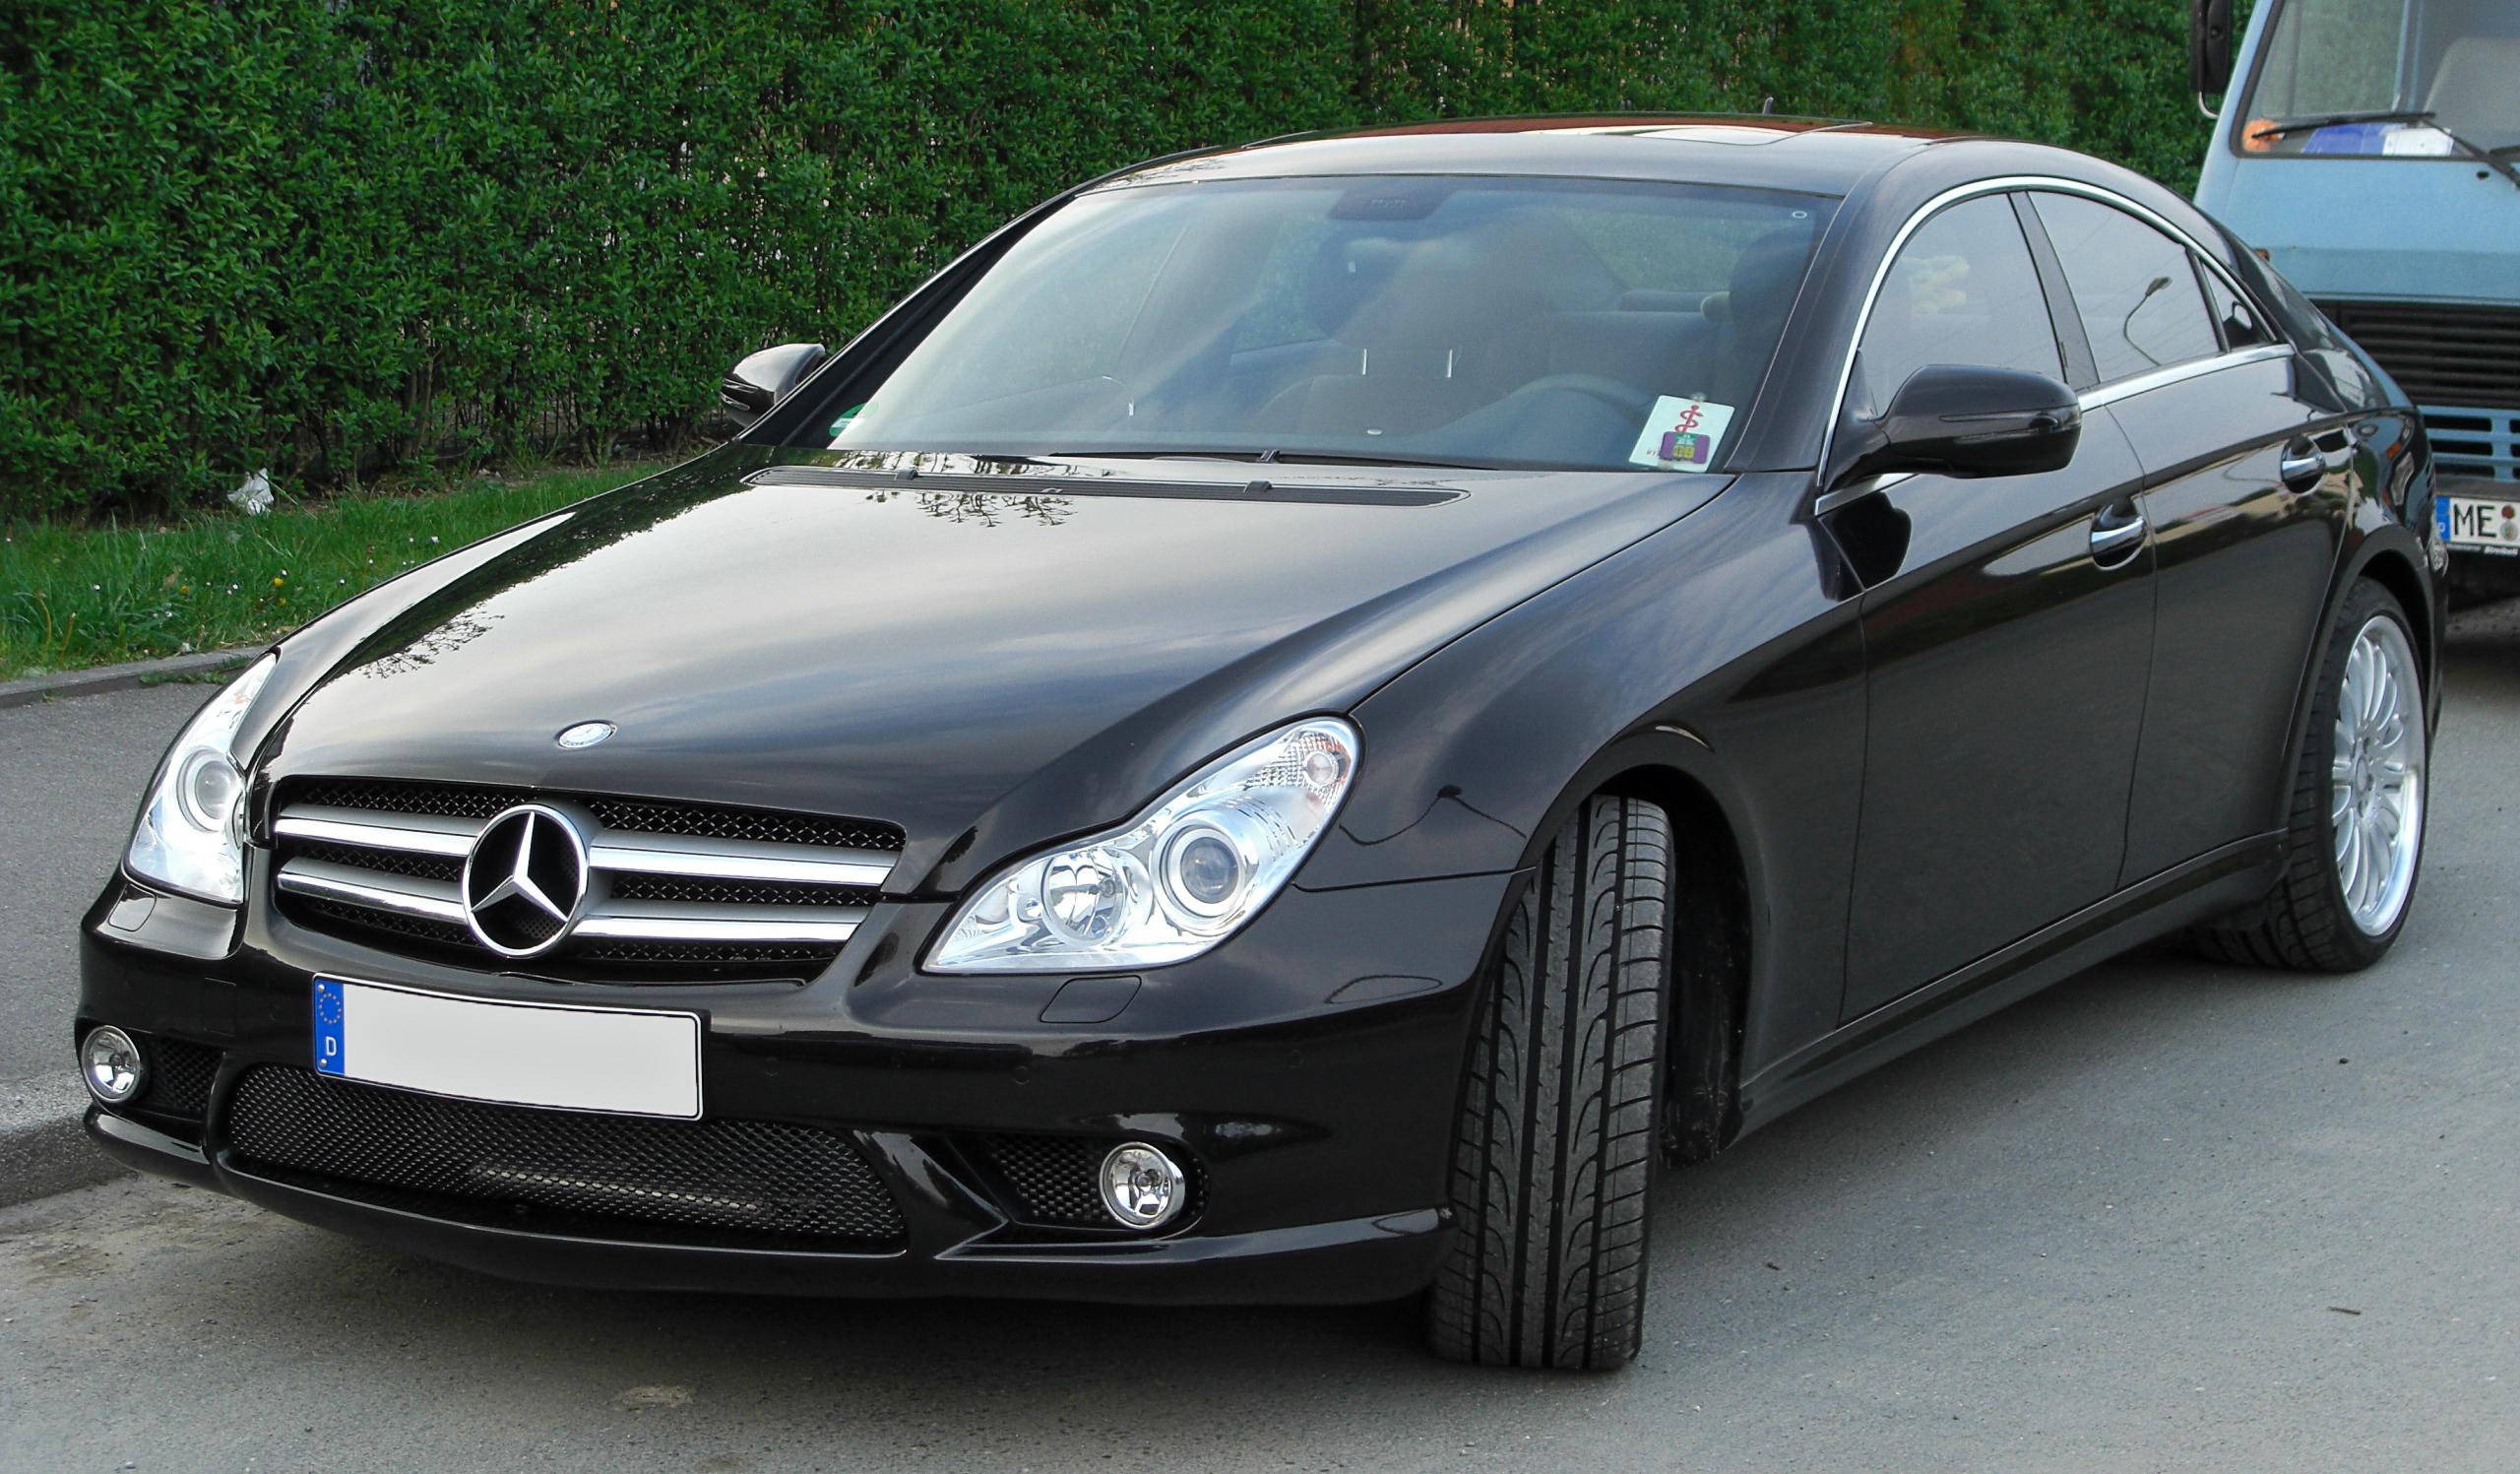 Mercedes_CLS_AMG-Sportpaket_(C219)_Facelift_front_20100509